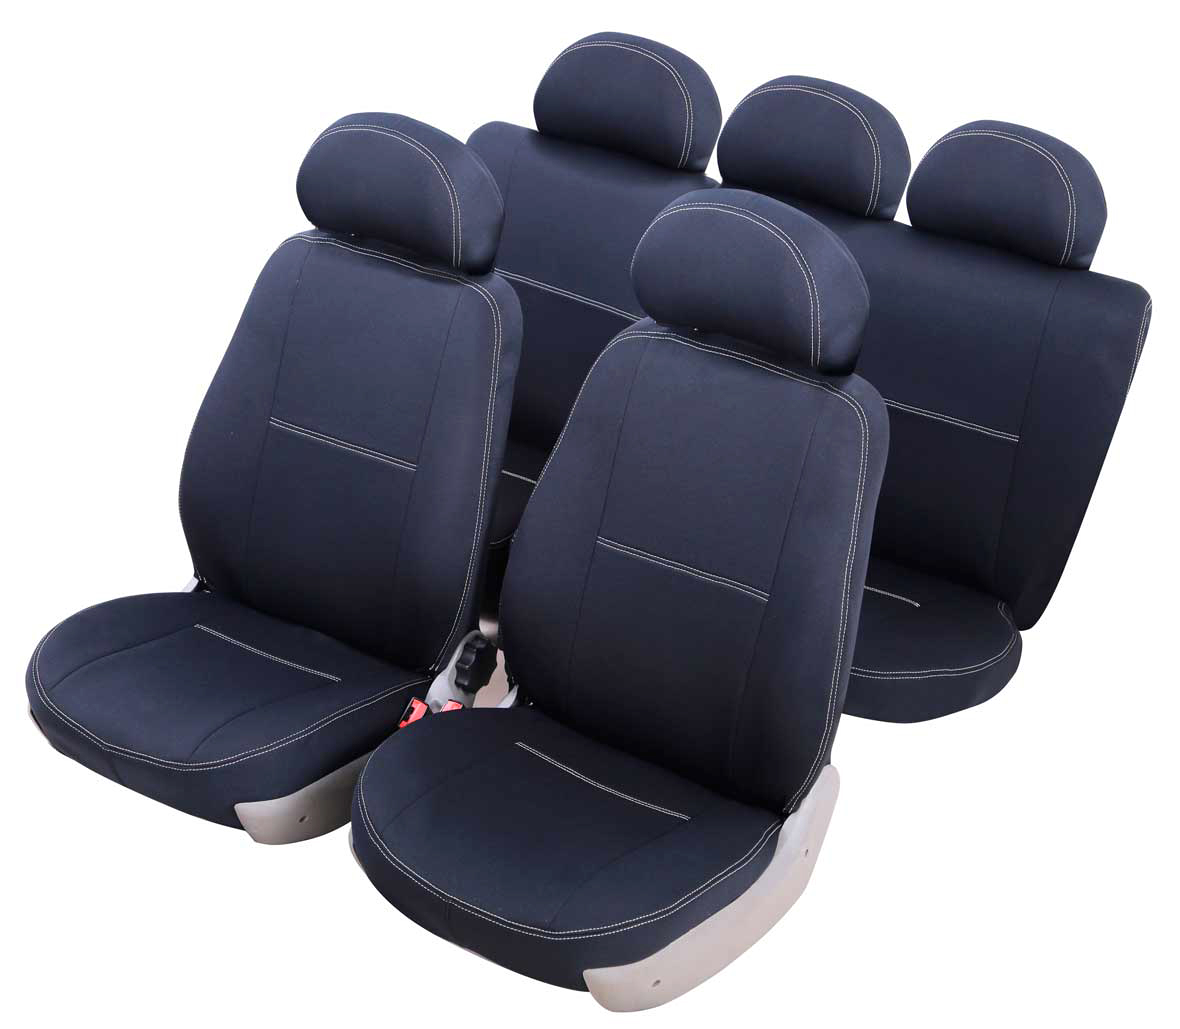 Чехлы на автокресло Azard Standard, для Hyundai Accent (2000-2012 гг), седан, цвет: черный98293777Модельные чехлы из полиэстера Azard Standard. Разработаны в РФ индивидуально для каждого автомобиля.Чехлы Azard Standard серийно выпускаются на собственном швейном производстве в России.Чехлы идеально повторяют штатную форму сидений и выглядят как оригинальная обивка сидений. Для простоты установки используется липучка Velcro, учтены все технологические отверстия.Чехлы сохраняют полную функциональность салона – трасформация сидений, возможность установки детских кресел ISOFIX, не препятствуют работе подушек безопасности AIRBAG и подогрева сидений.Дизайн чехлов Azard Standard приближен к оригинальной обивке салона. Декоративная контрастная прострочка по периметру авточехлов придает стильный и изысканный внешний вид интерьеру автомобиля.Чехлы Azard Standard изготовлены из полиэстера, триплированного огнеупорным поролоном толщиной 3 мм, за счет чего чехол приобретает дополнительную мягкость. Подложка из спандбонда сохраняет свойства поролона и предотвращает его разрушение.Авточехлы Azard Standard просты в уходе – загрязнения легко удаляются влажной тканью.